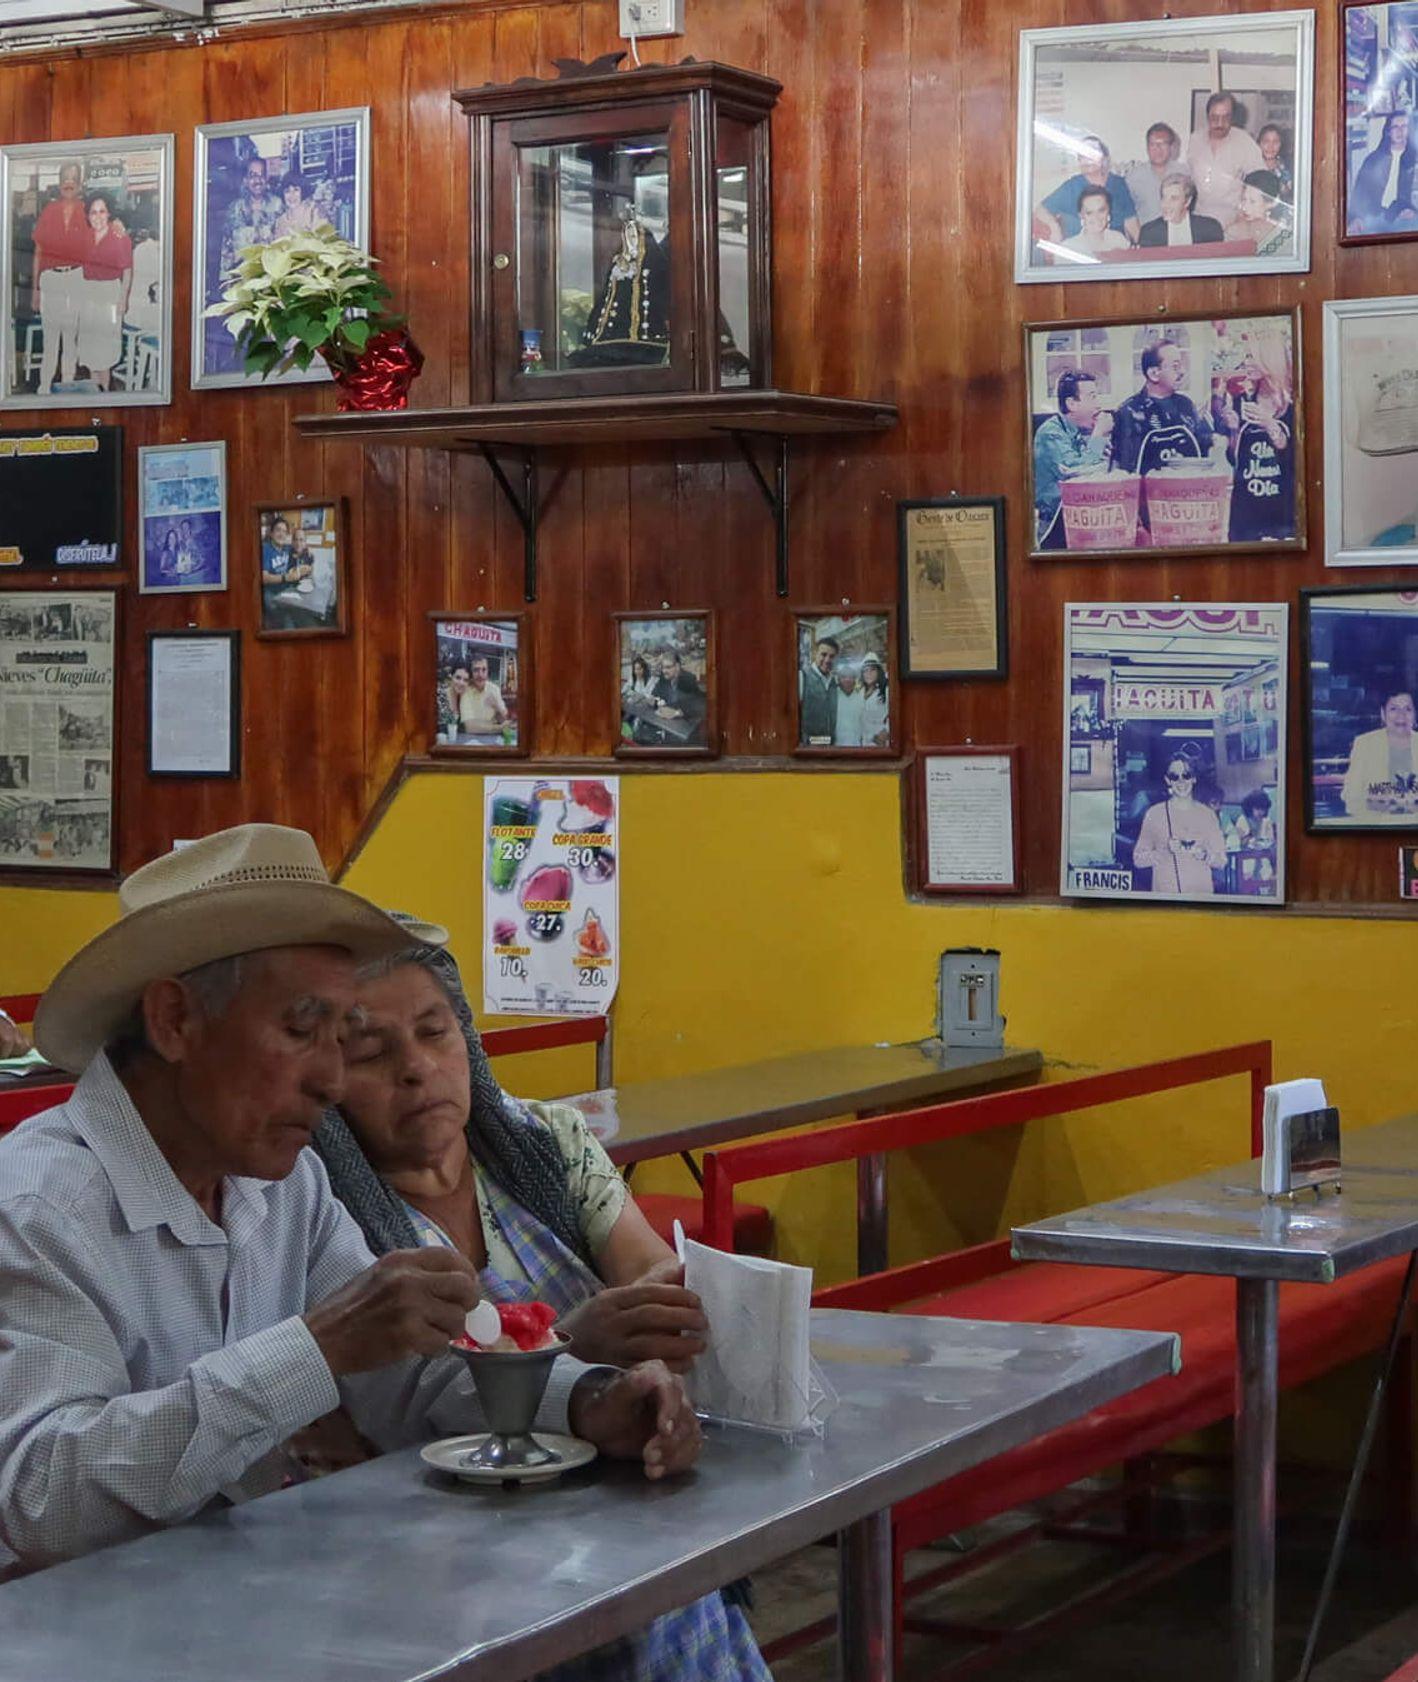 Miejscowy bar w Oaxaca w Meksyku (fot. Julia Zabrodzka)